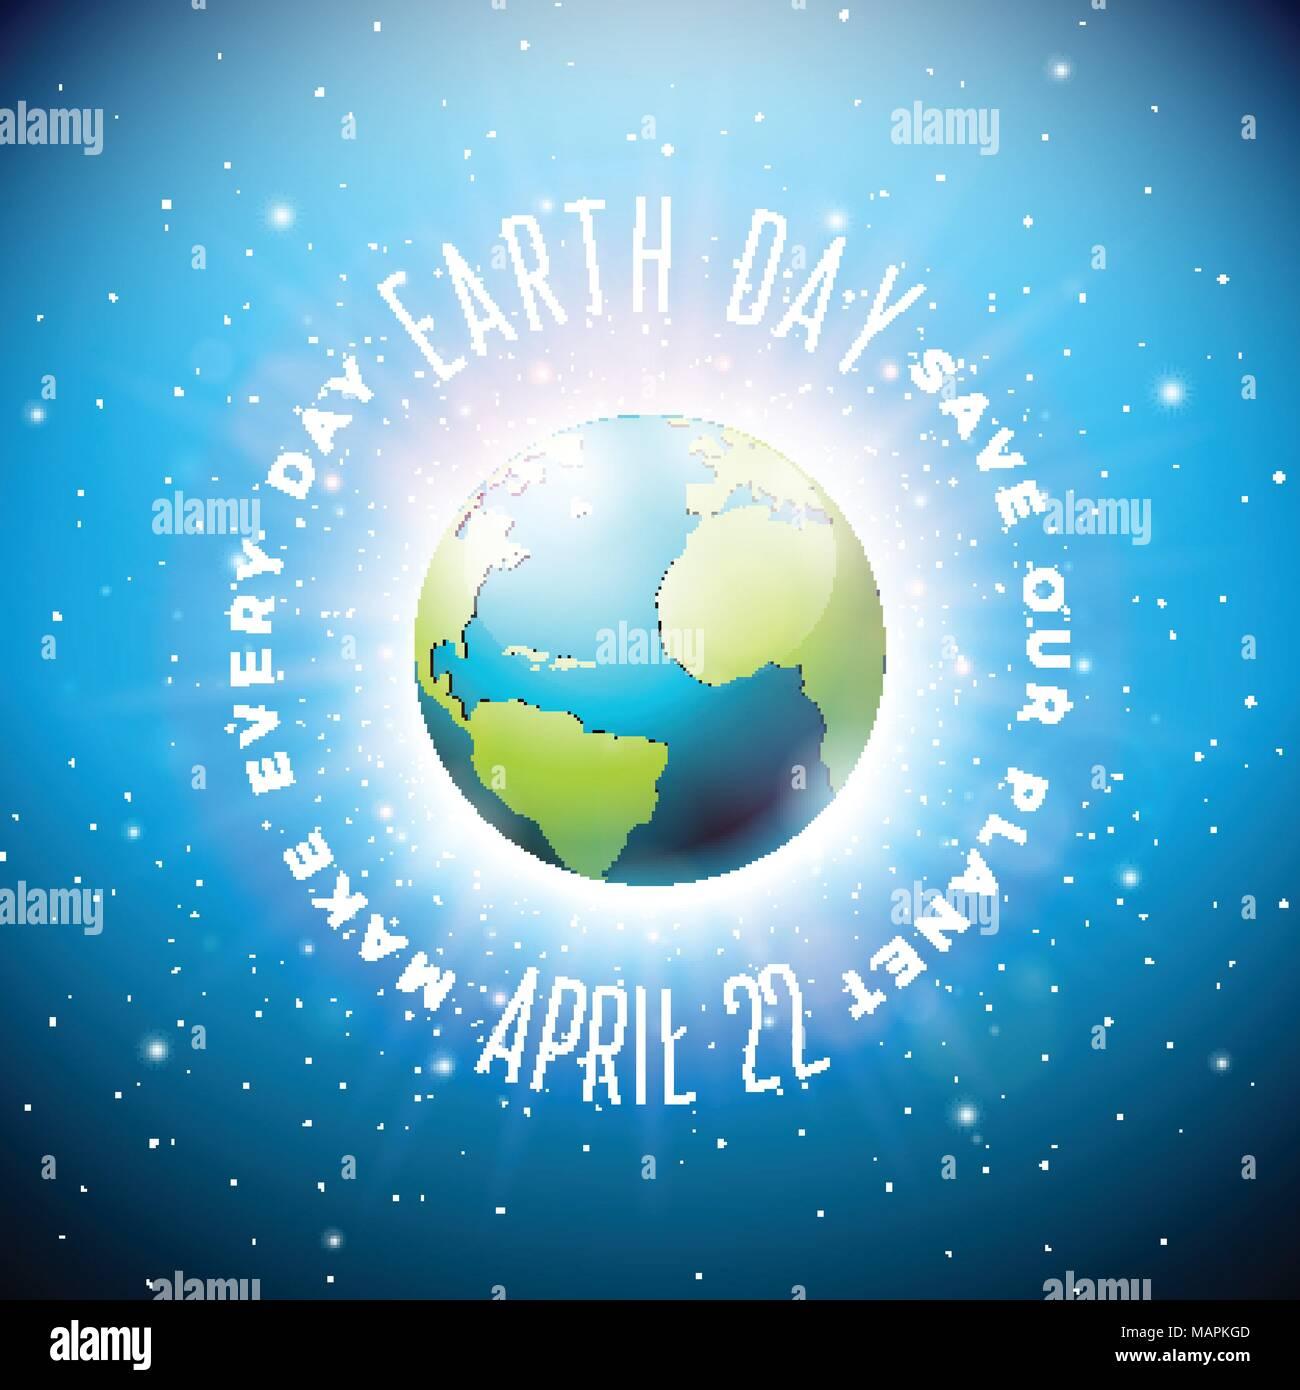 Illustration avec le jour de la Terre planète et lettrage. Carte du monde Contexte Le concept d'environnement le 22 avril. Vector design pour bannière, affiche ou carte de vœux. Photo Stock